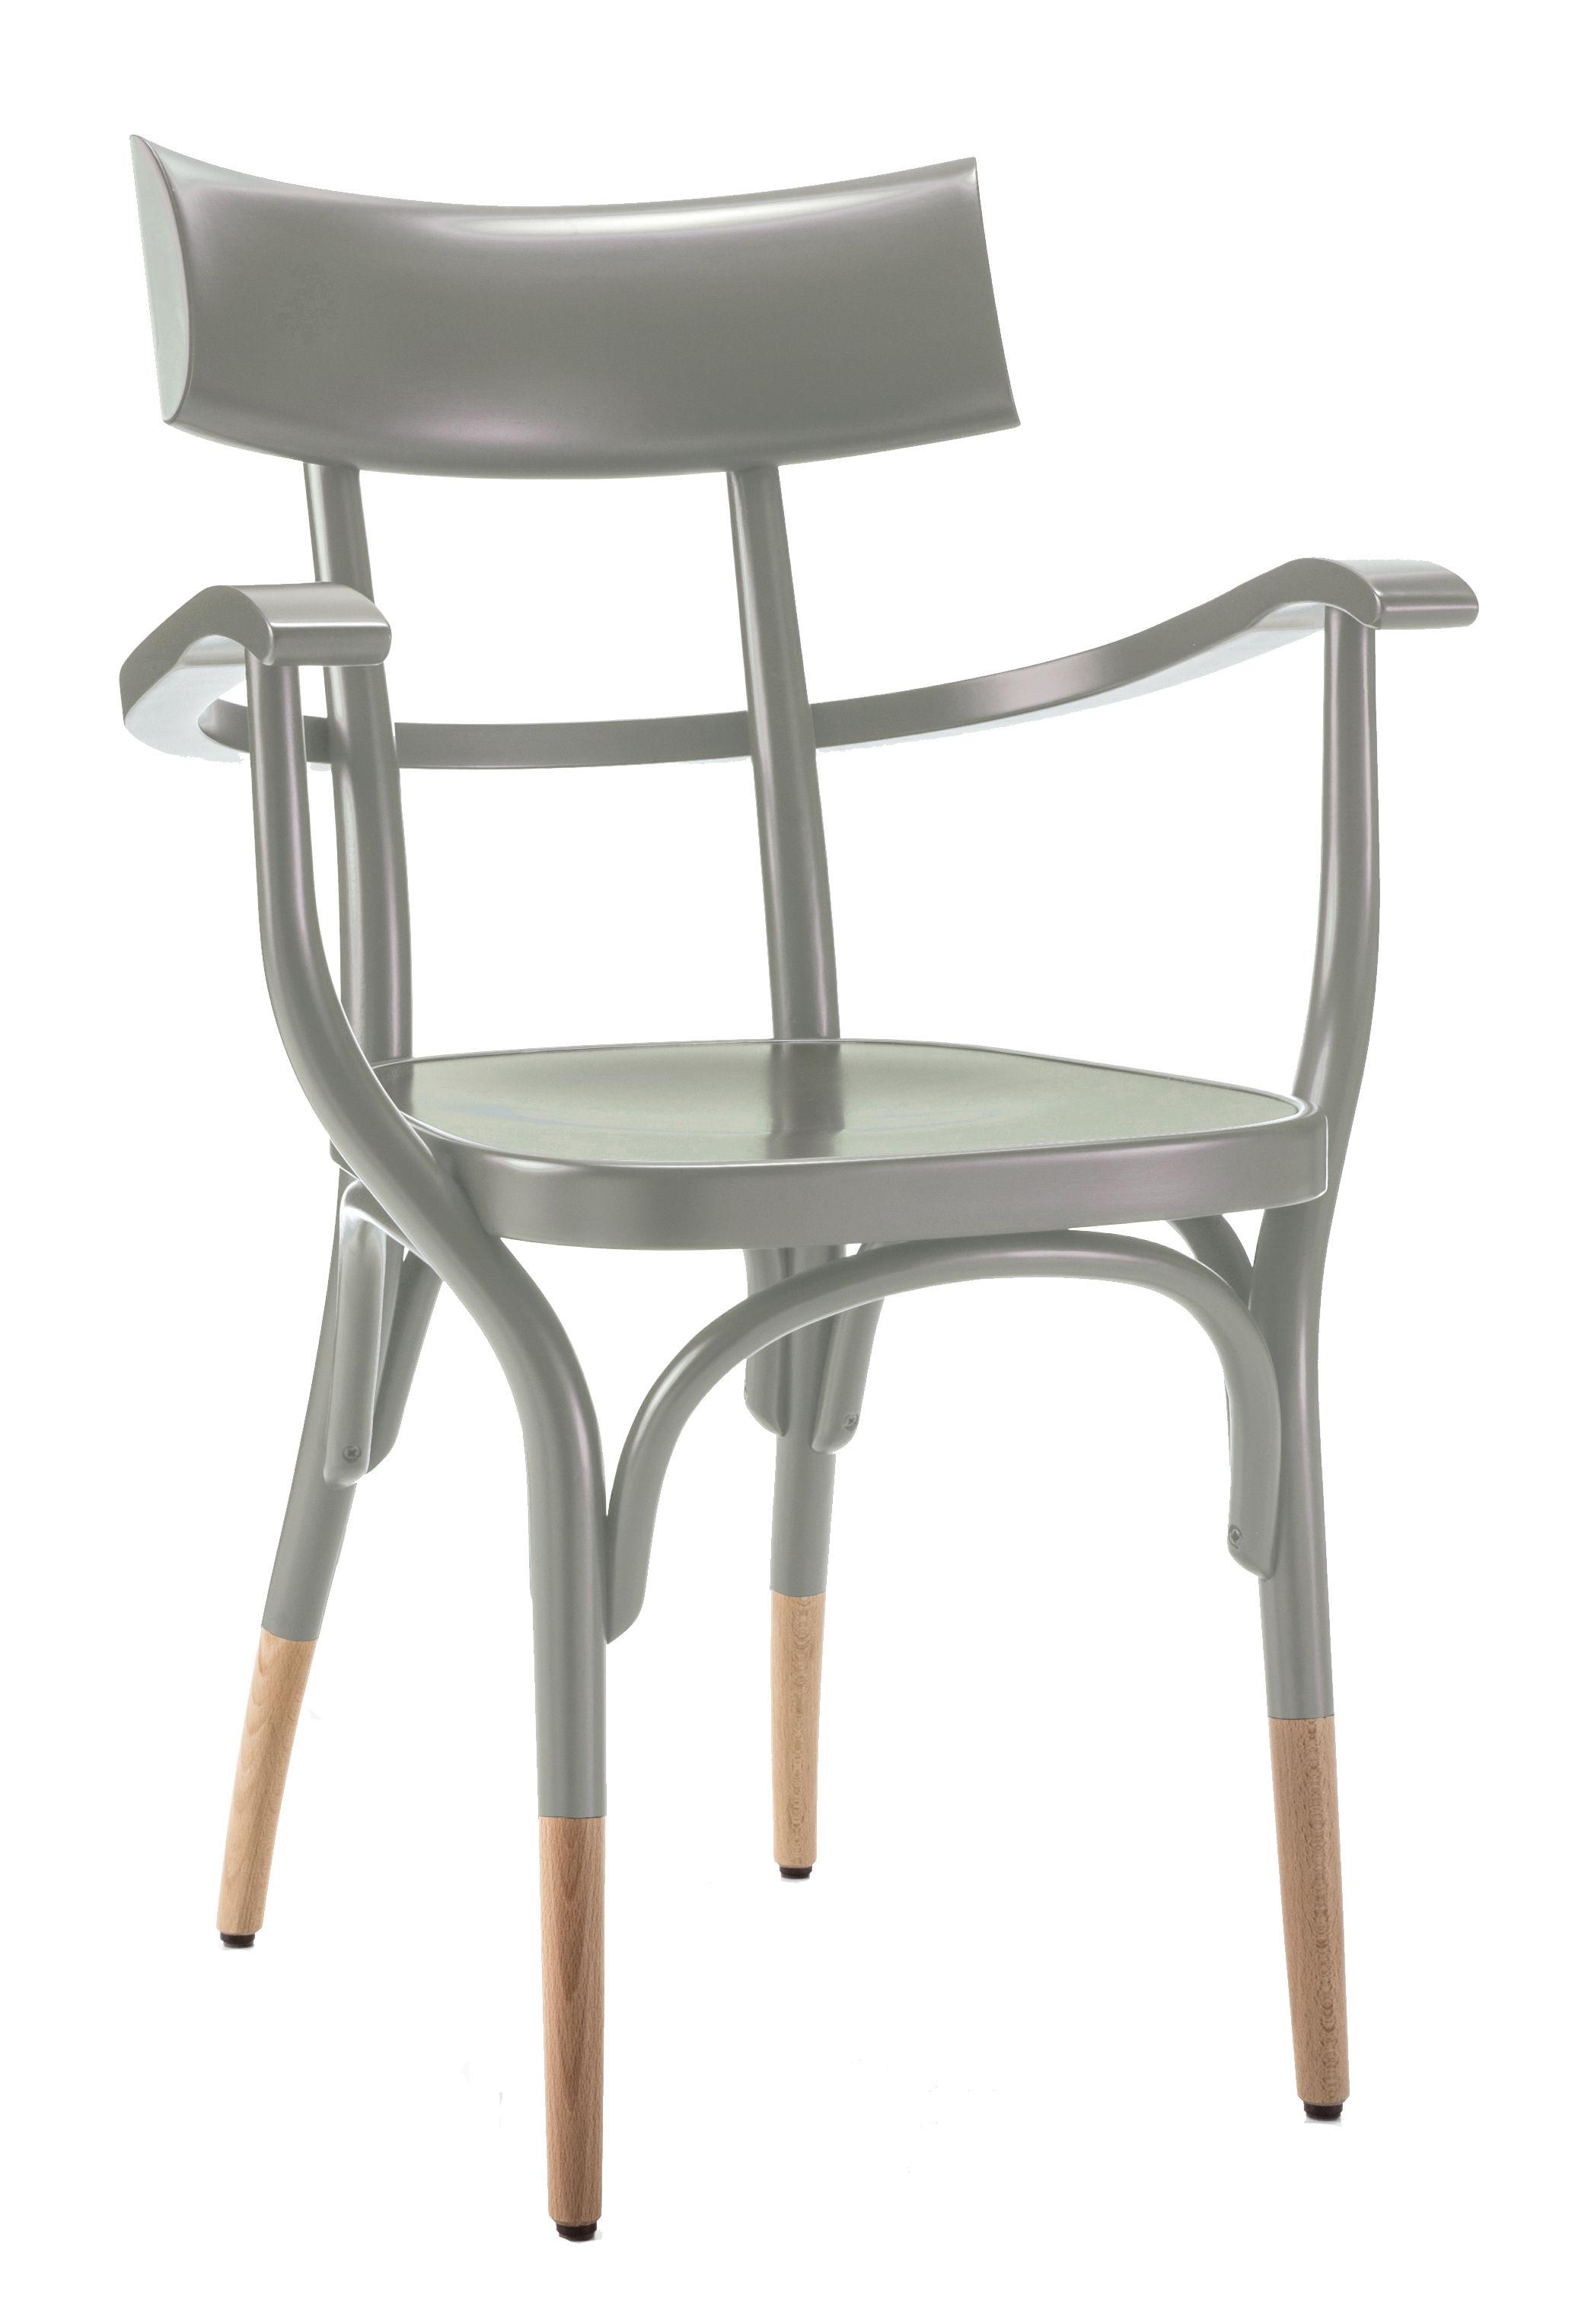 Arredamento - Sedie  - Poltrona Czech - / Legno di Wiener GTV Design - Grigio / Gambe legno naturale - Compensato di faggio, Faggio massello curvato